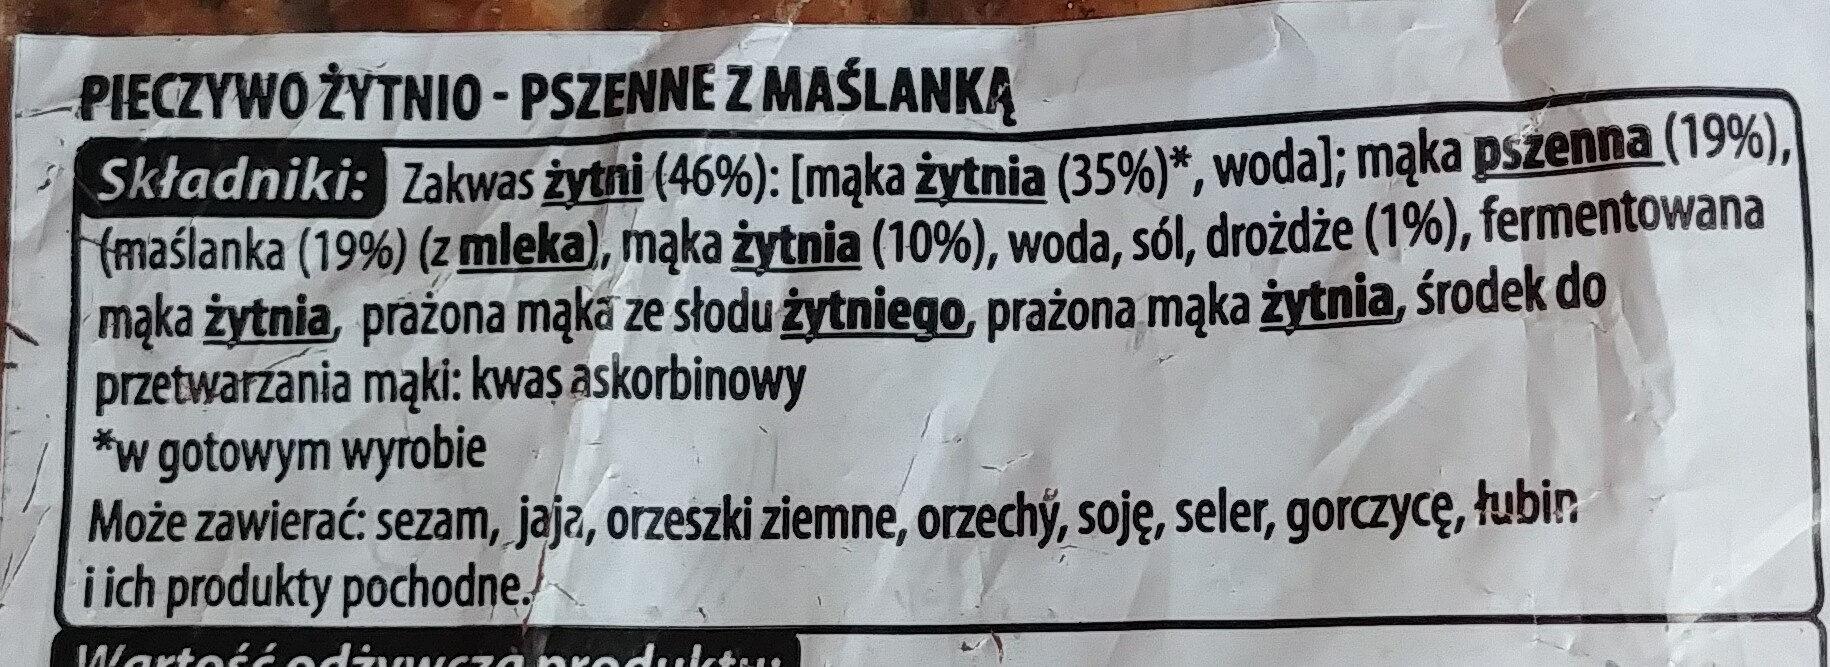 Pieczywo żytnio-pszenne z maślanką - Ingredients - pl